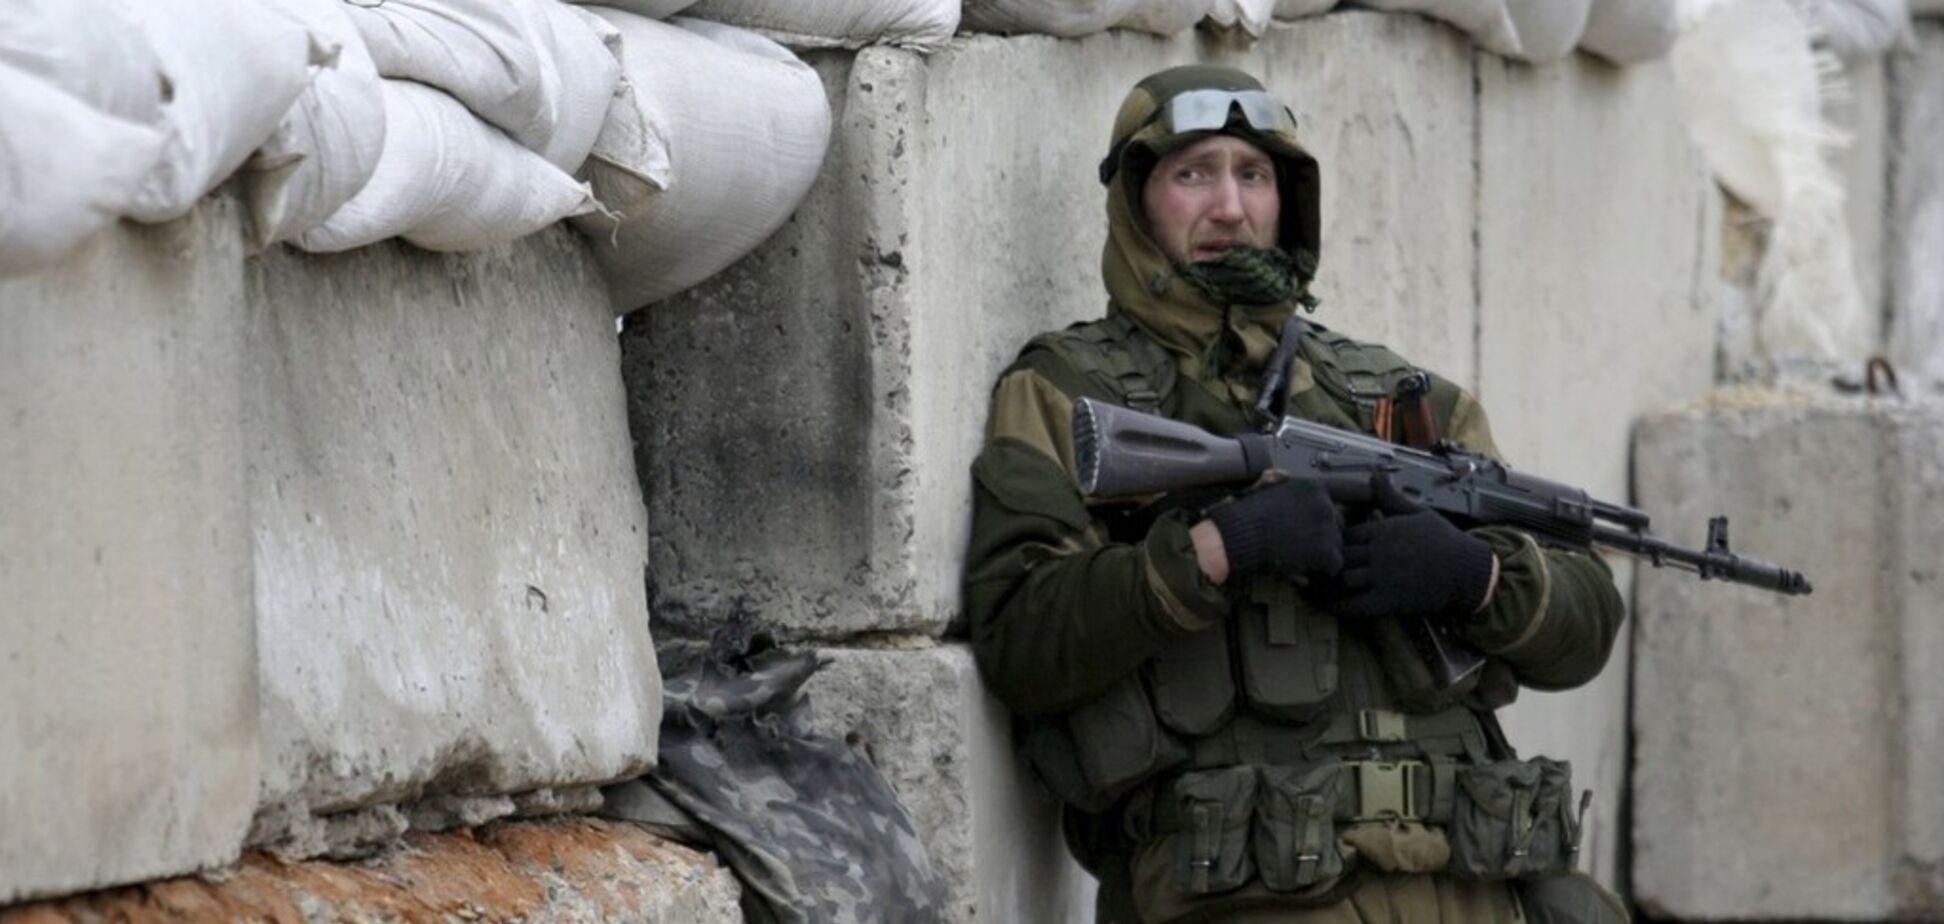 Терористів 'Л/ДНР' примушують брати паспорти РФ: Тука назвав мету Кремля